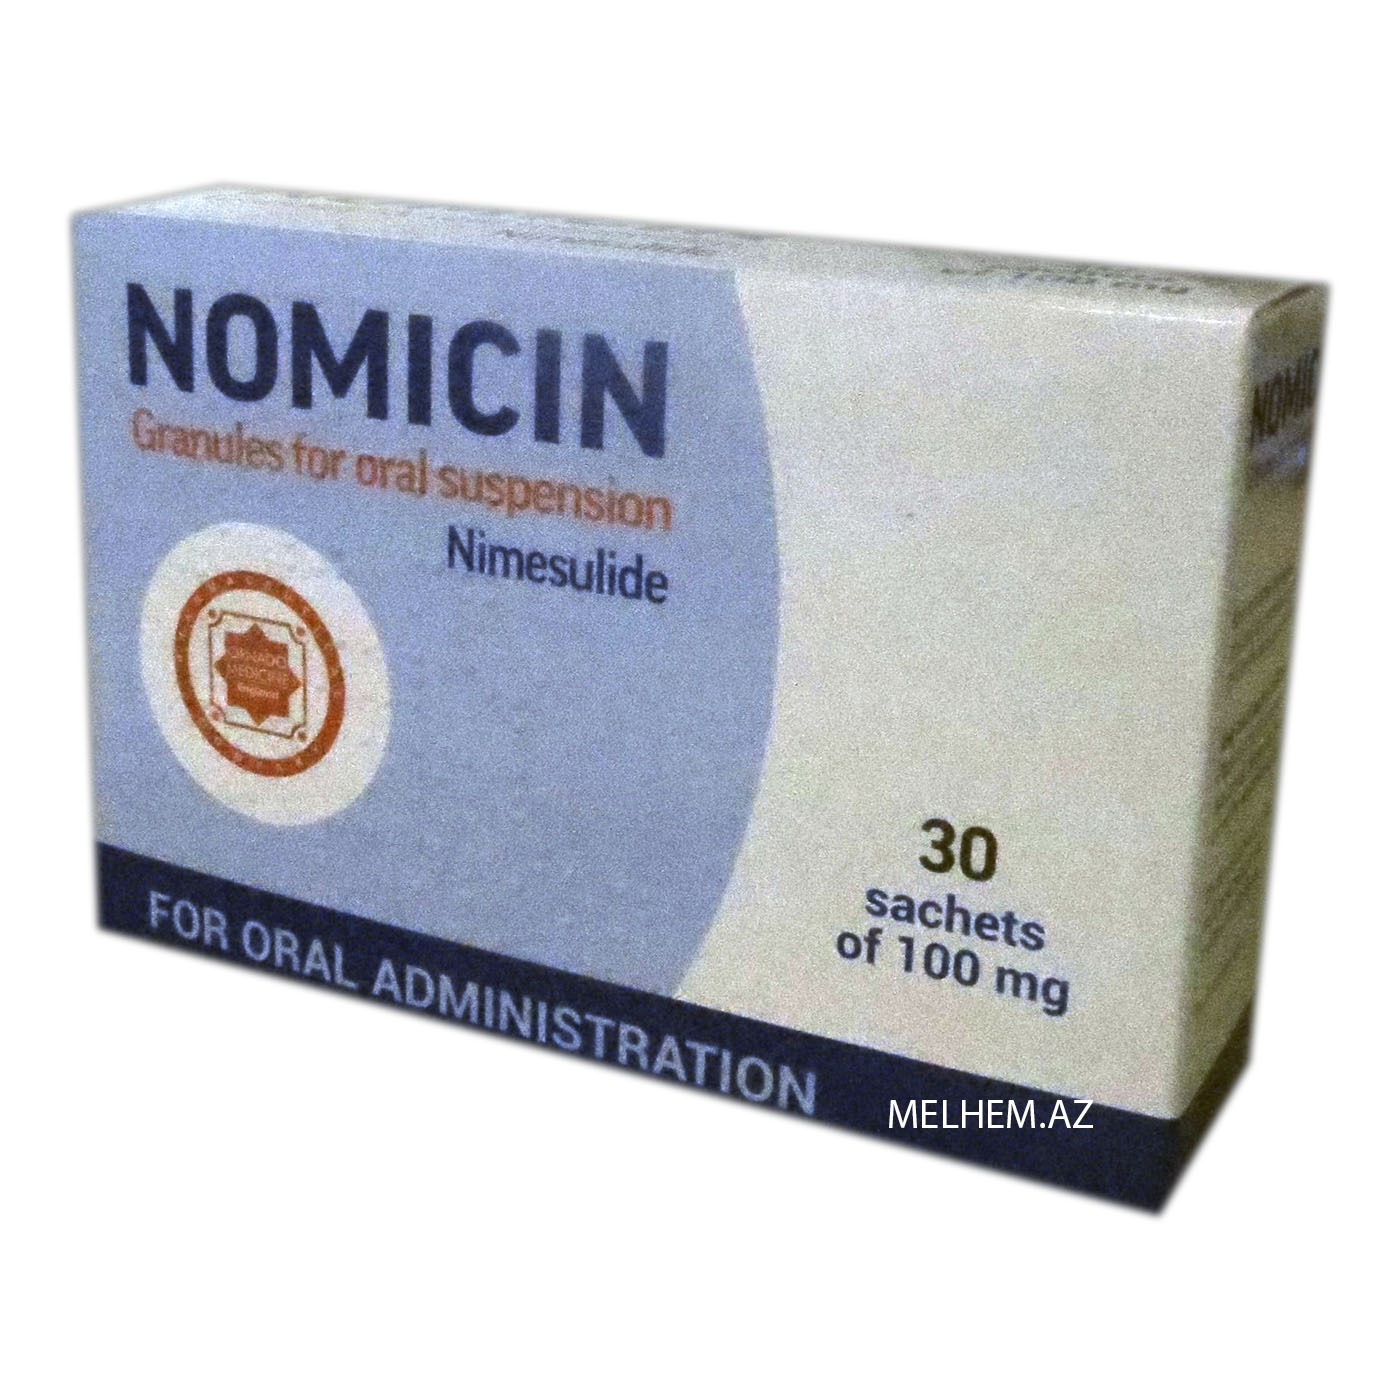 NOMICIN